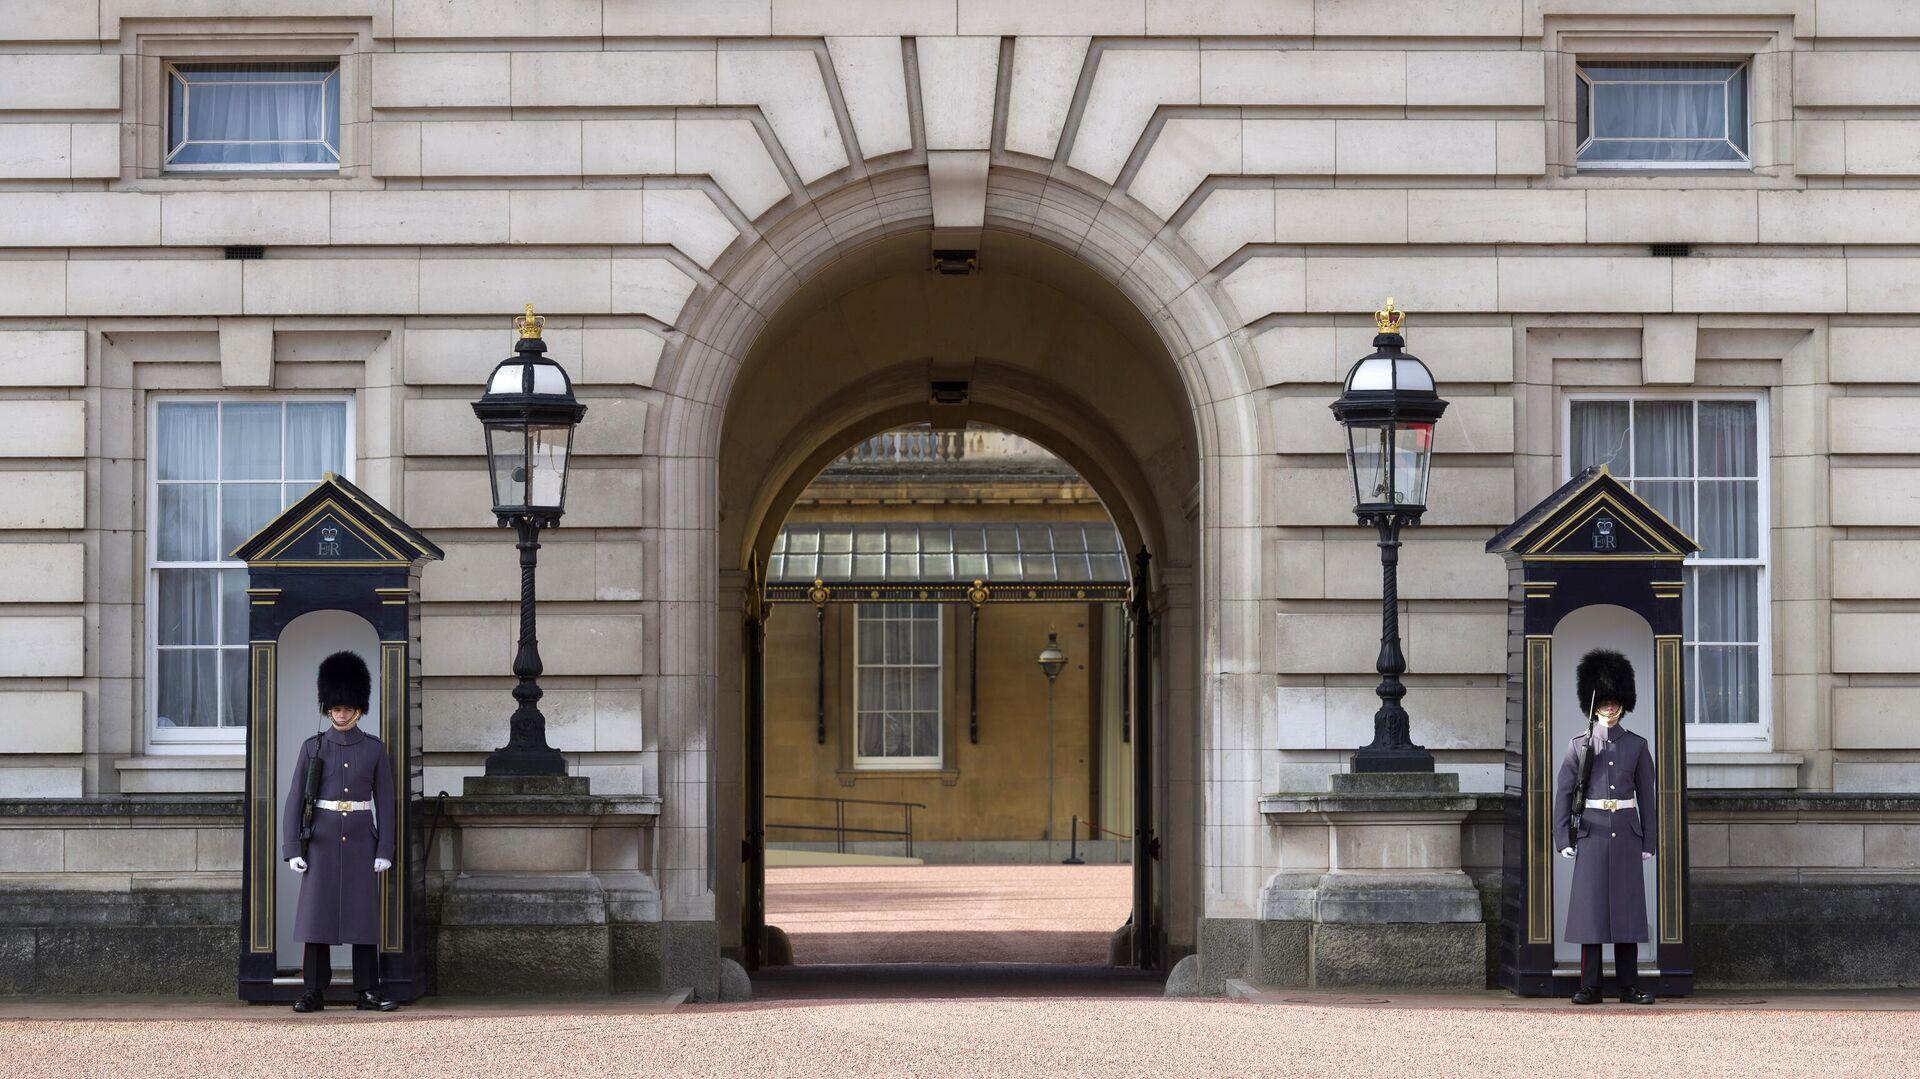 Гвардейцы у входа в Букингемский дворец в Лондоне - РИА Новости, 1920, 10.04.2021